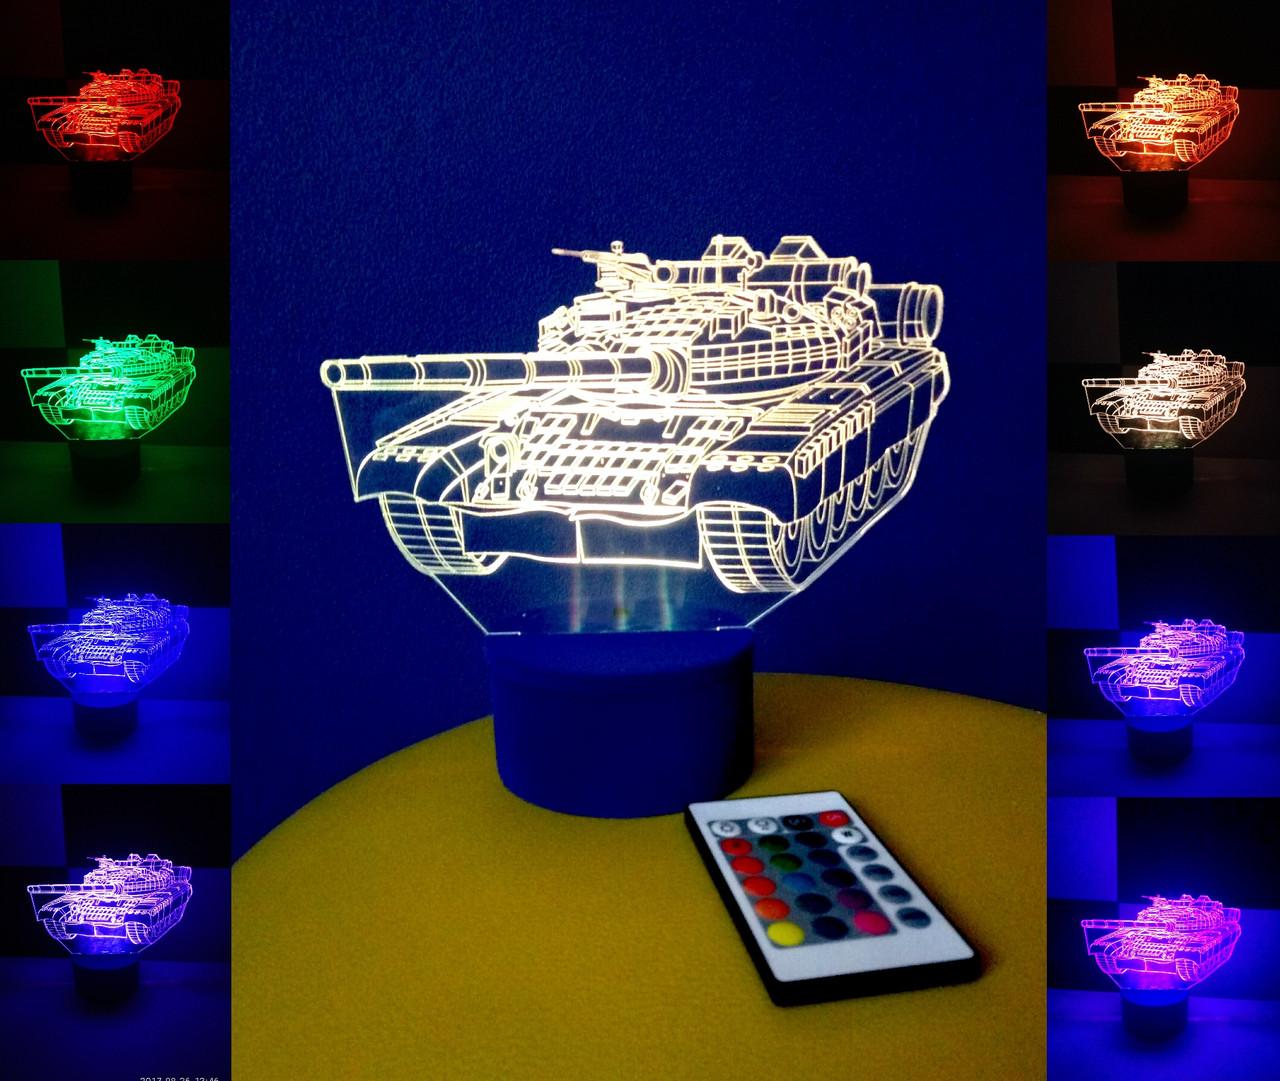 3d-светильник Танк, 3д-ночник, несколько подсветок (на пульте), подарок военному мальчику танкисту